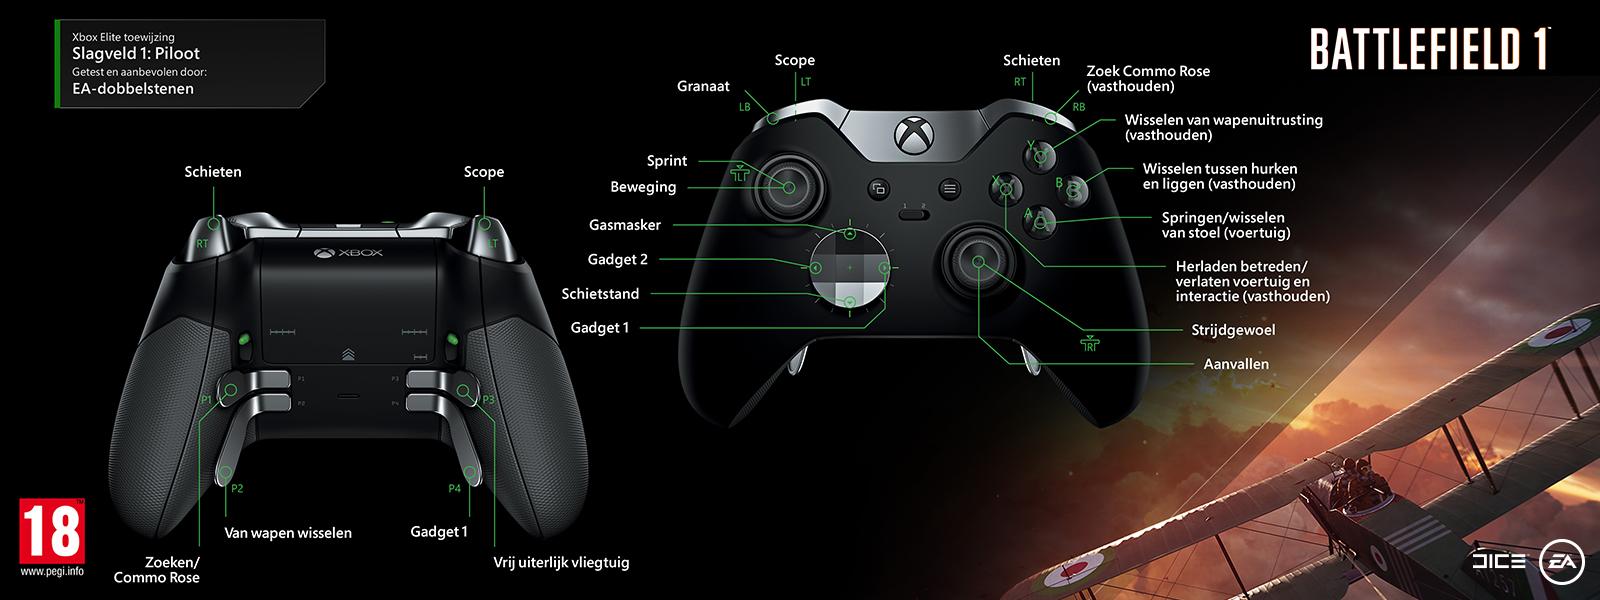 Battlefield 1 - Elite-mapping voor piloten